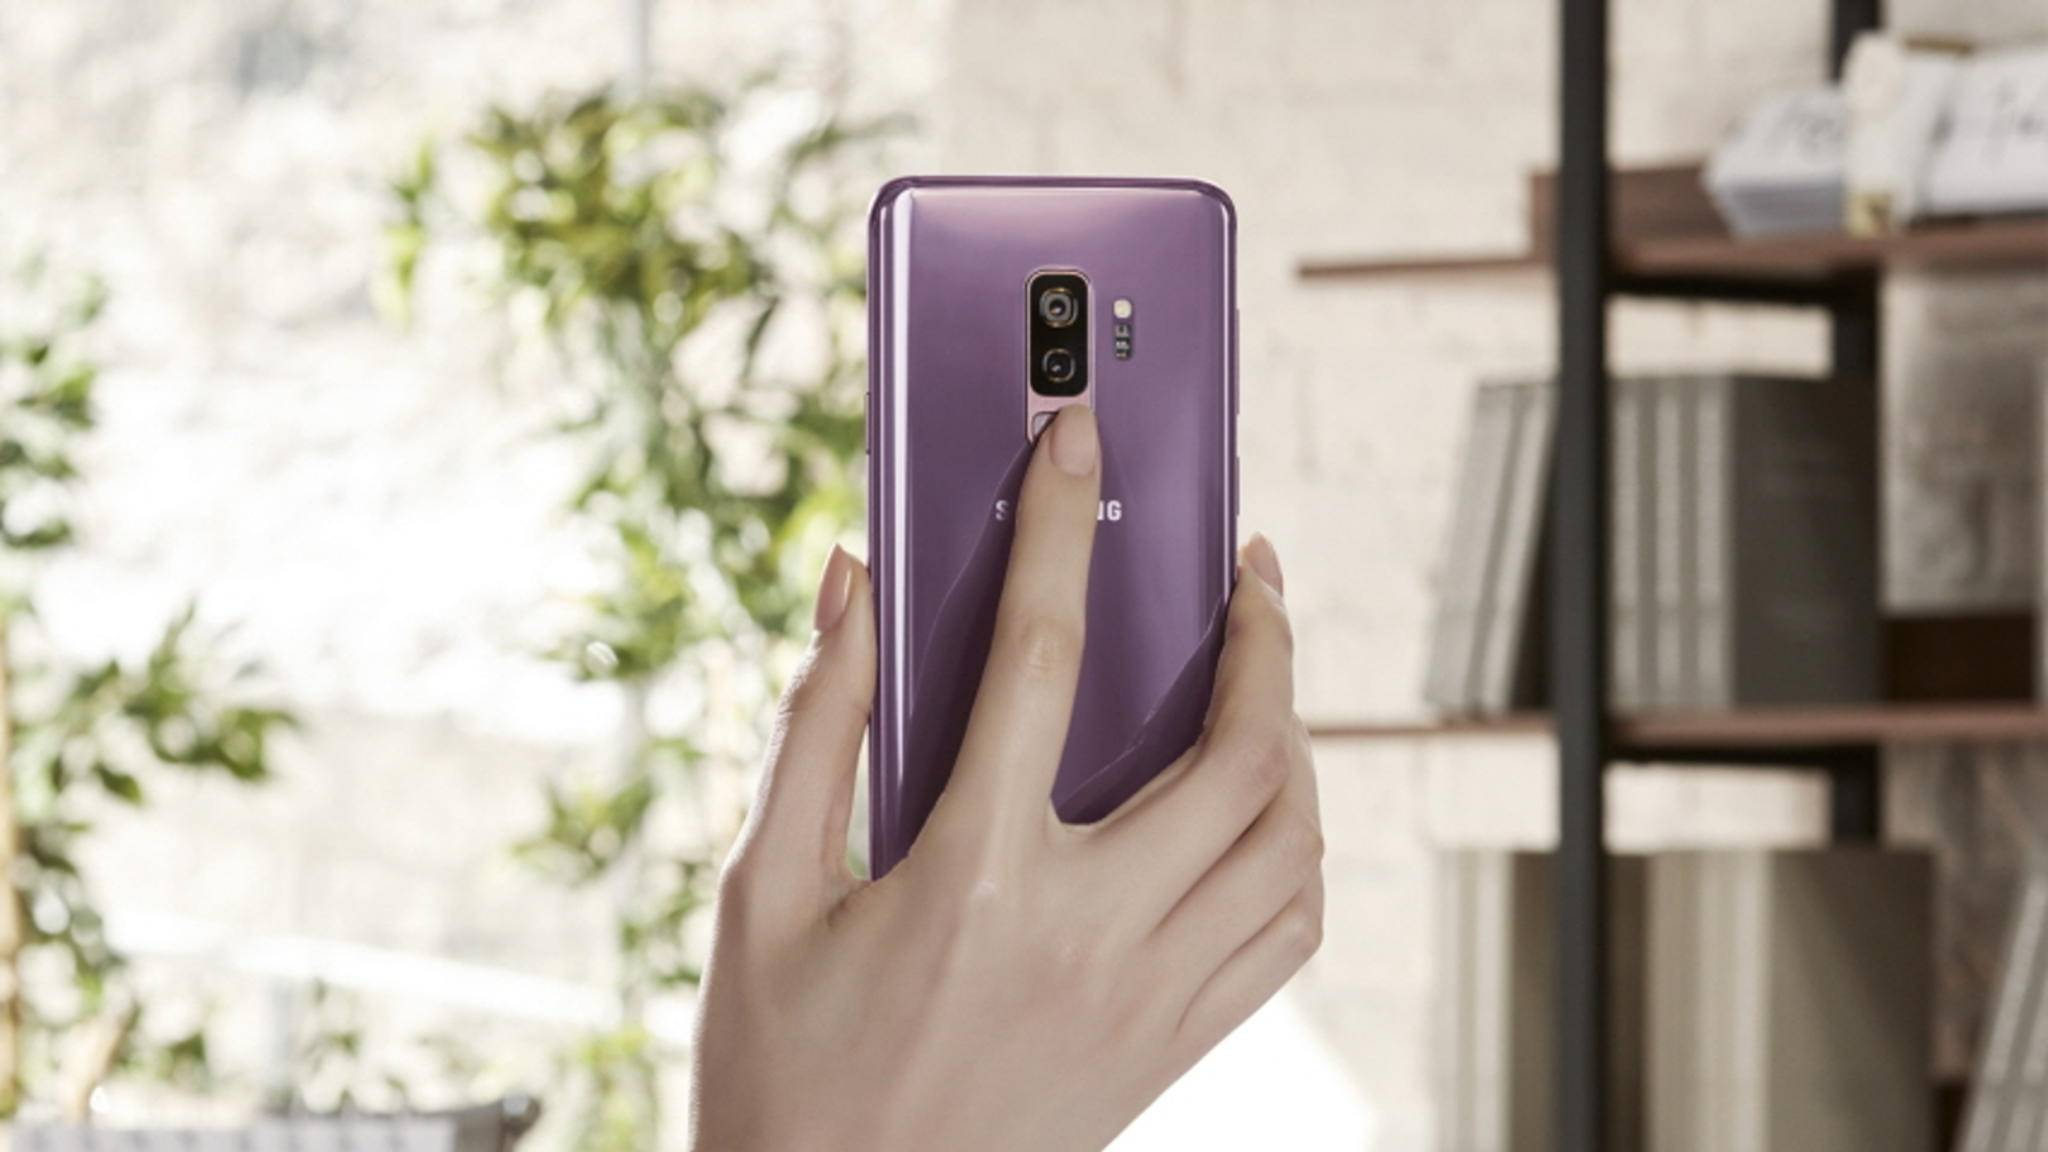 Das Galaxy S10 Plus könnte sogar noch größer als das Galaxy S9 Plus (Foto) werden.